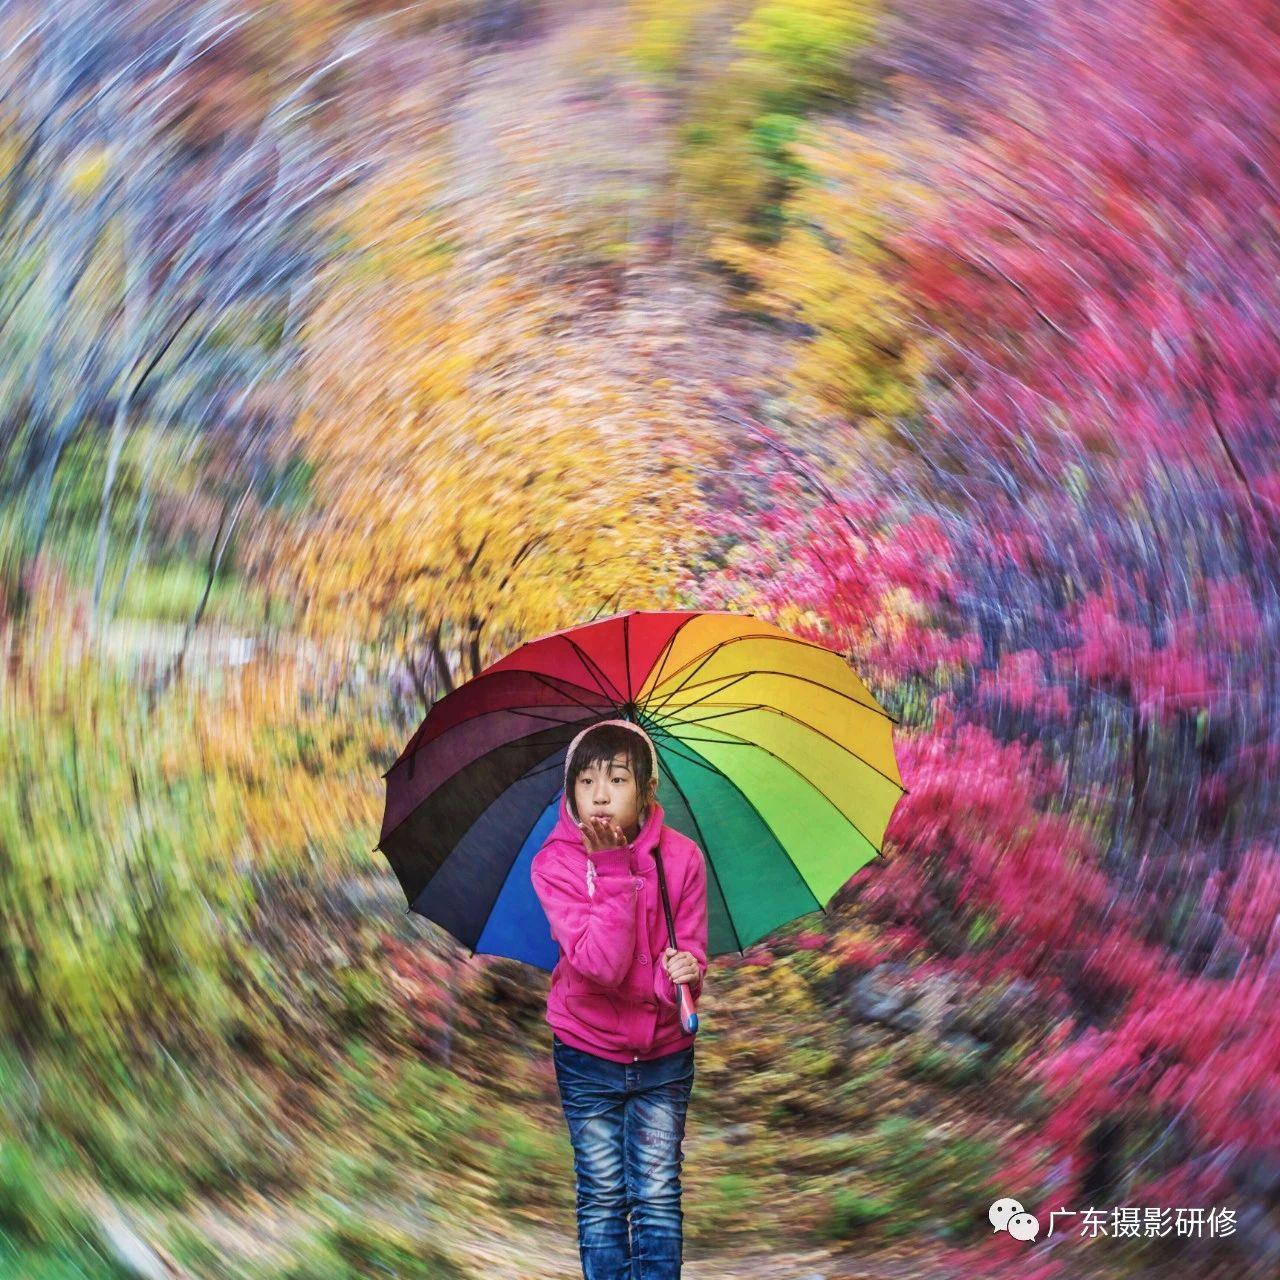 第10期名家点评摄影作品公益网课在线影展